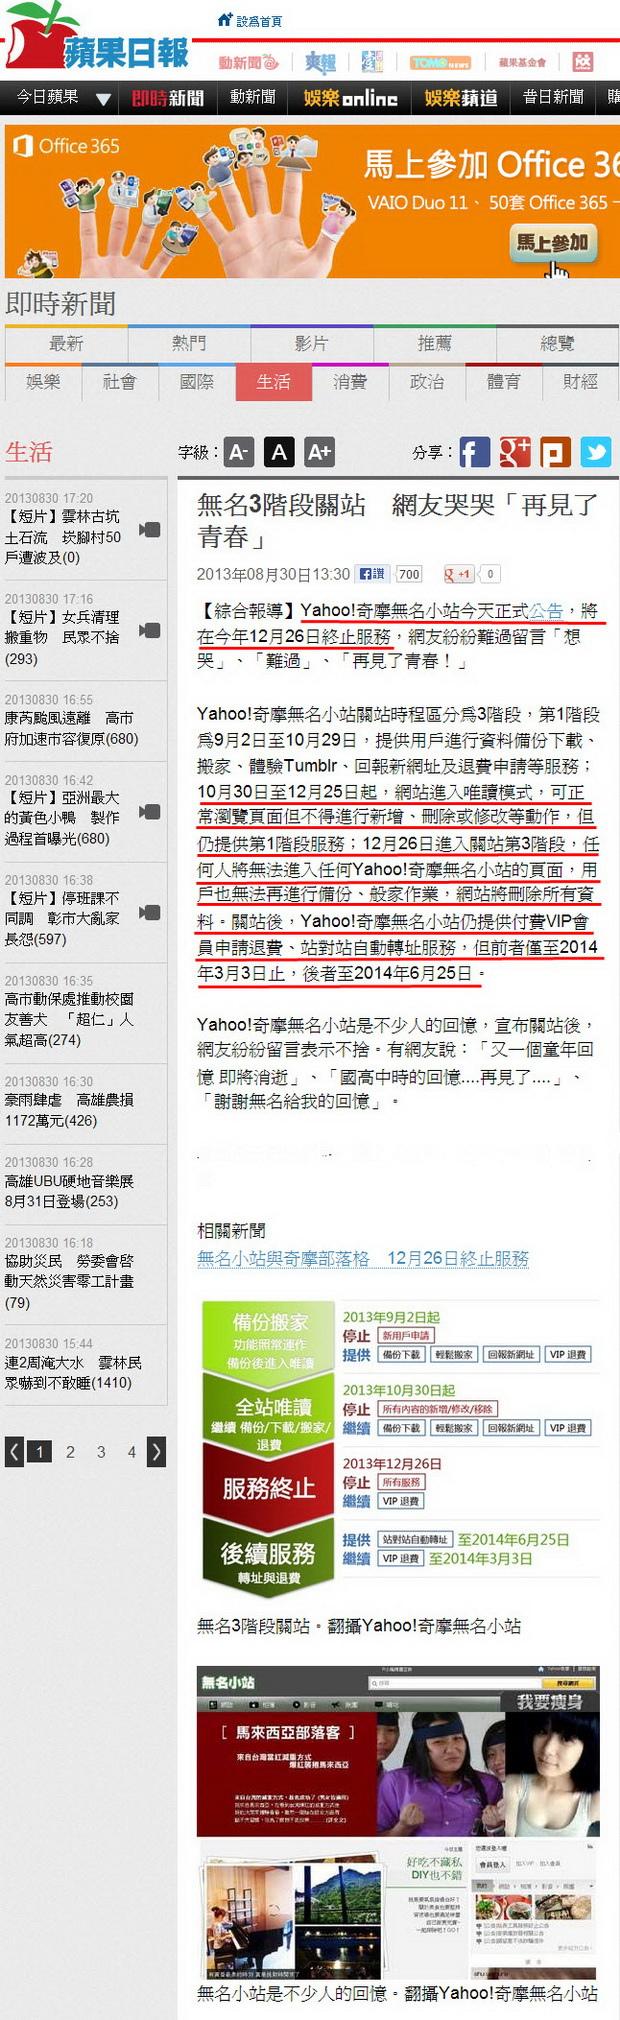 無名3階段關站 網友哭哭「再見了青春」-2013.08.30-01.jpg